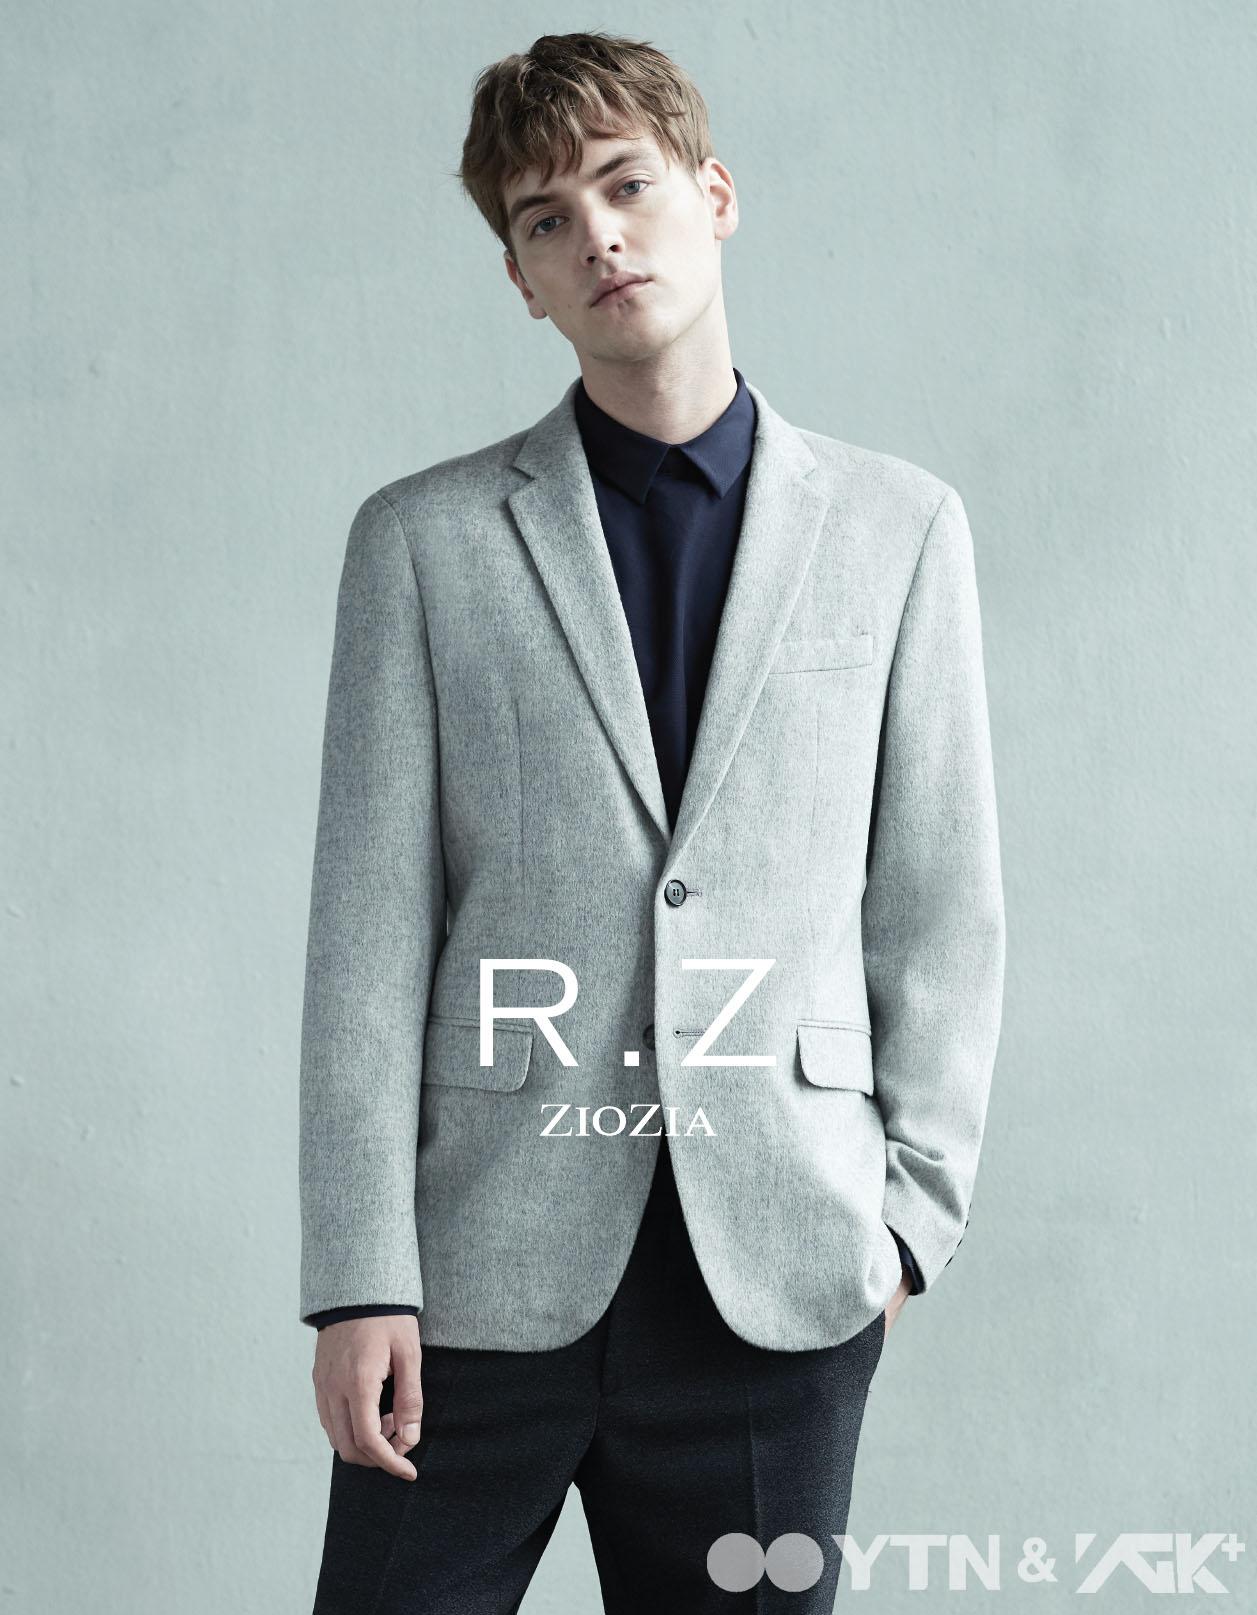 지오지아, 2016 F/W 신규 브랜드 'R.Z;Real ZIOZIA' 론칭